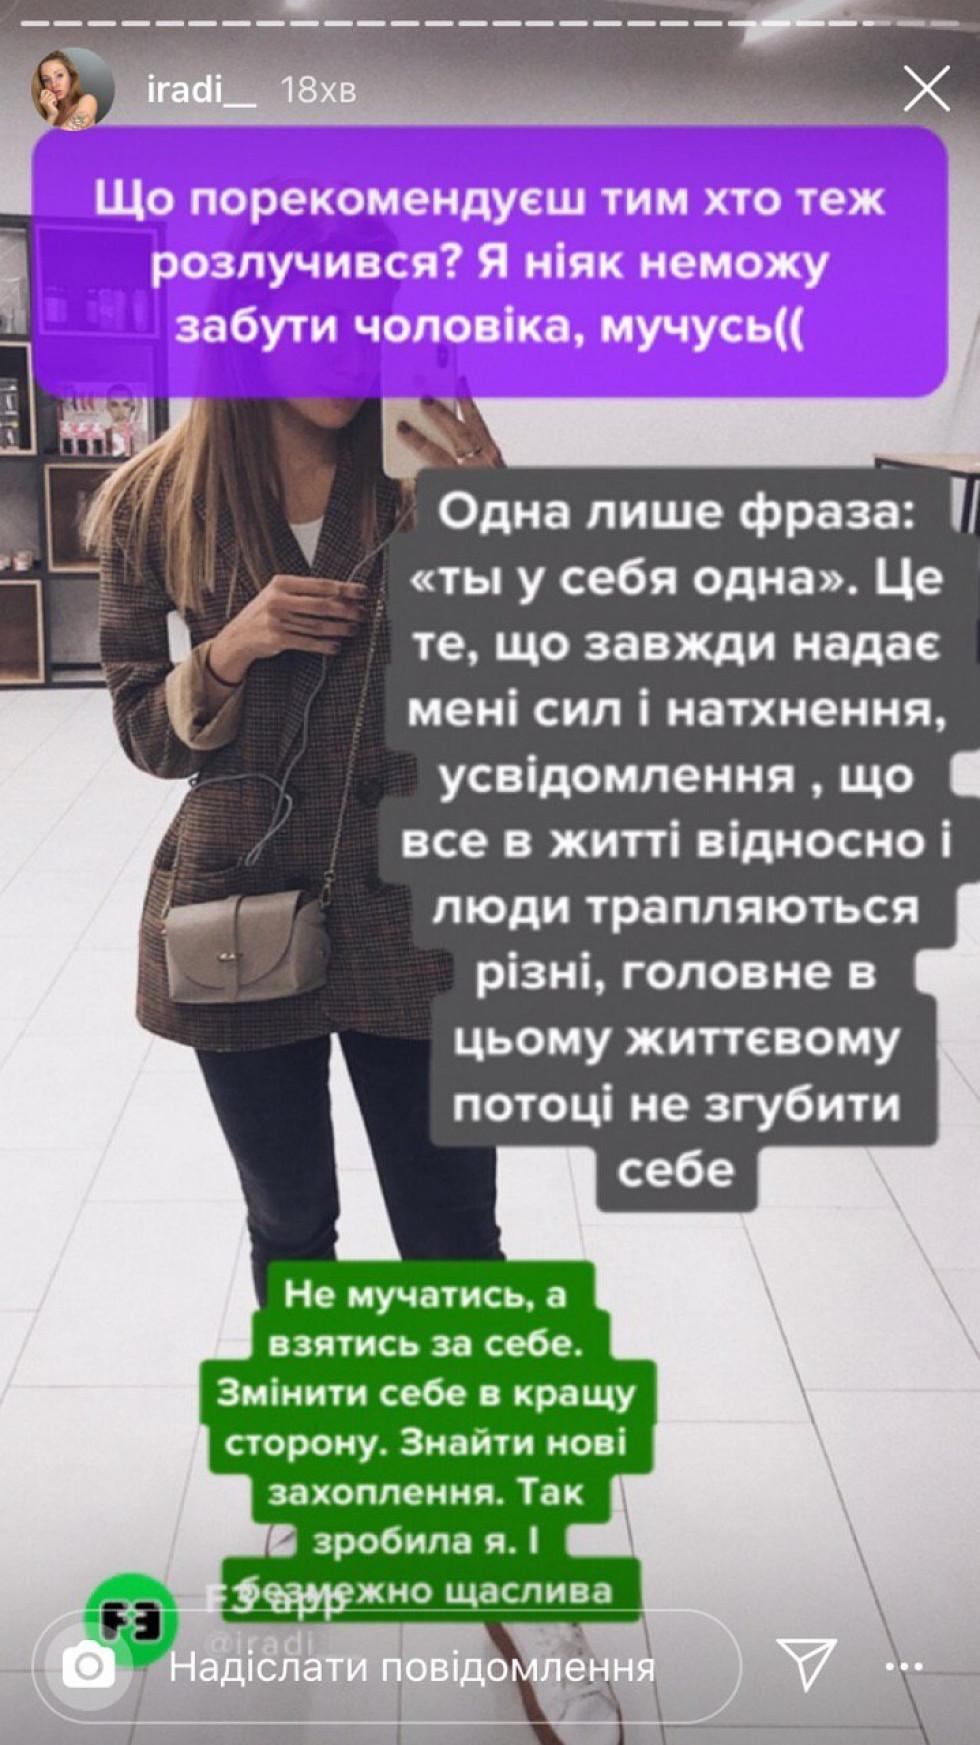 Фото з інстаграм-сторінки